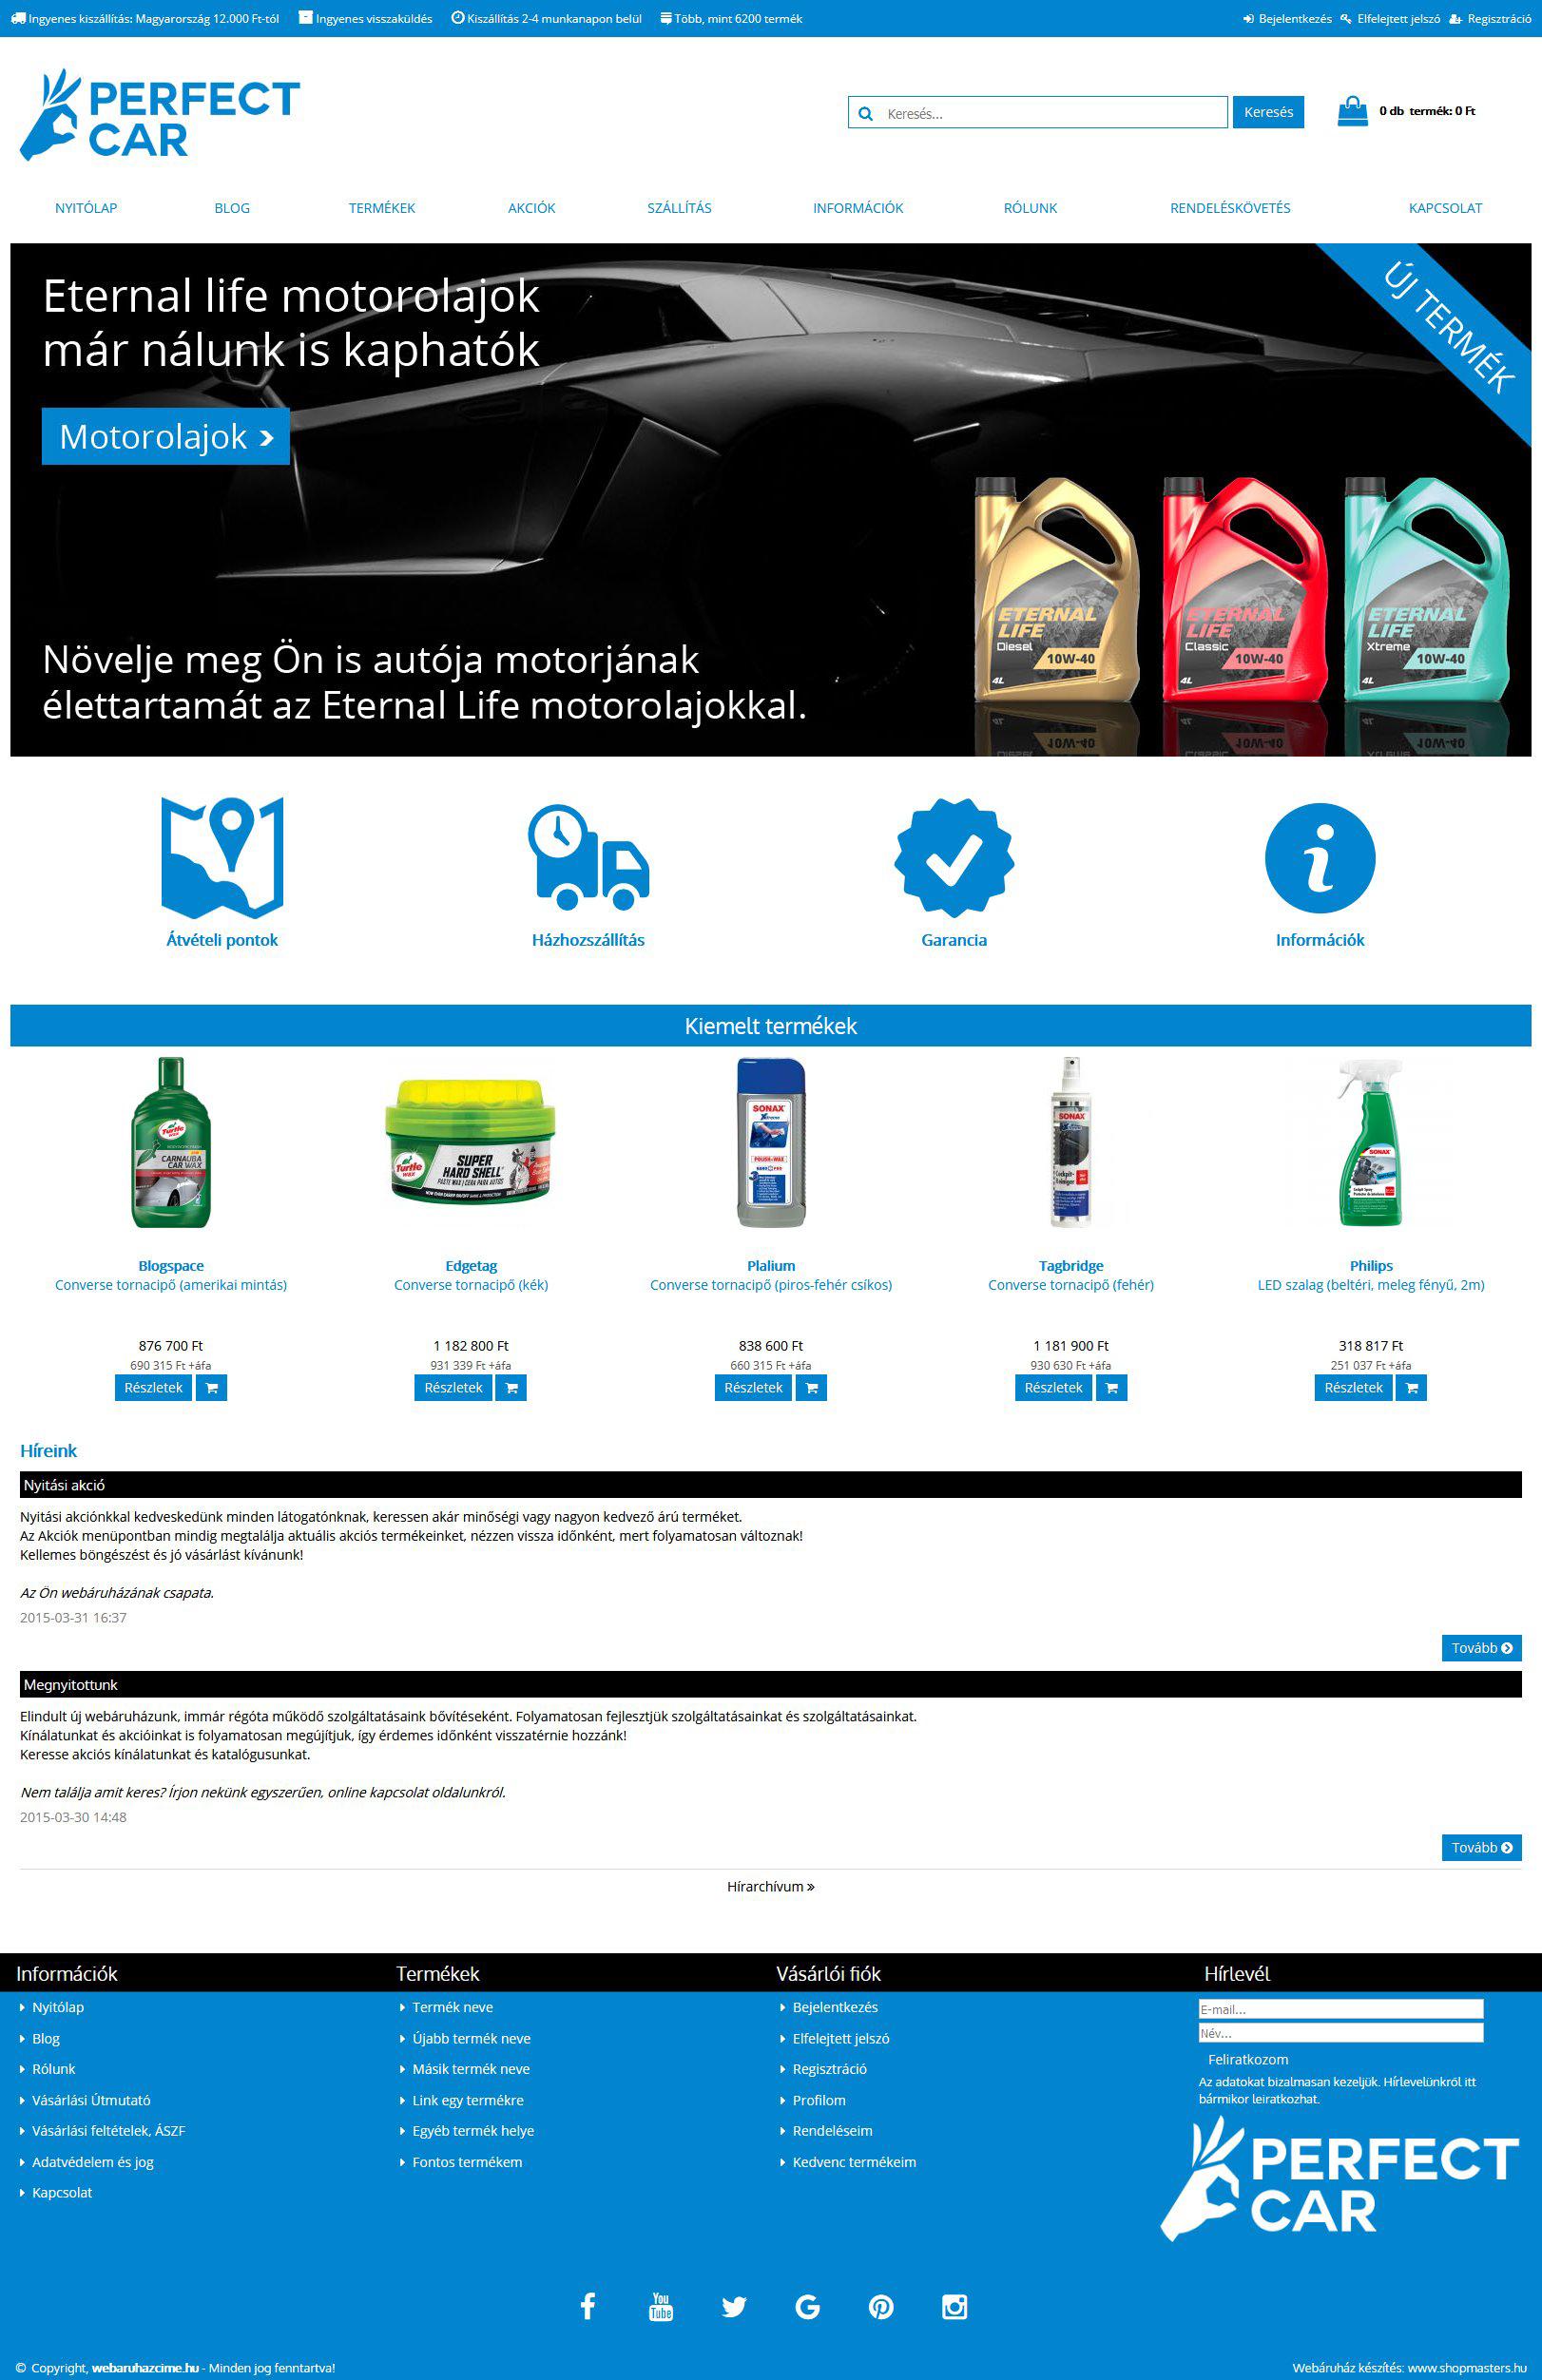 Perfect car webshop webáruház webdesign, arculat